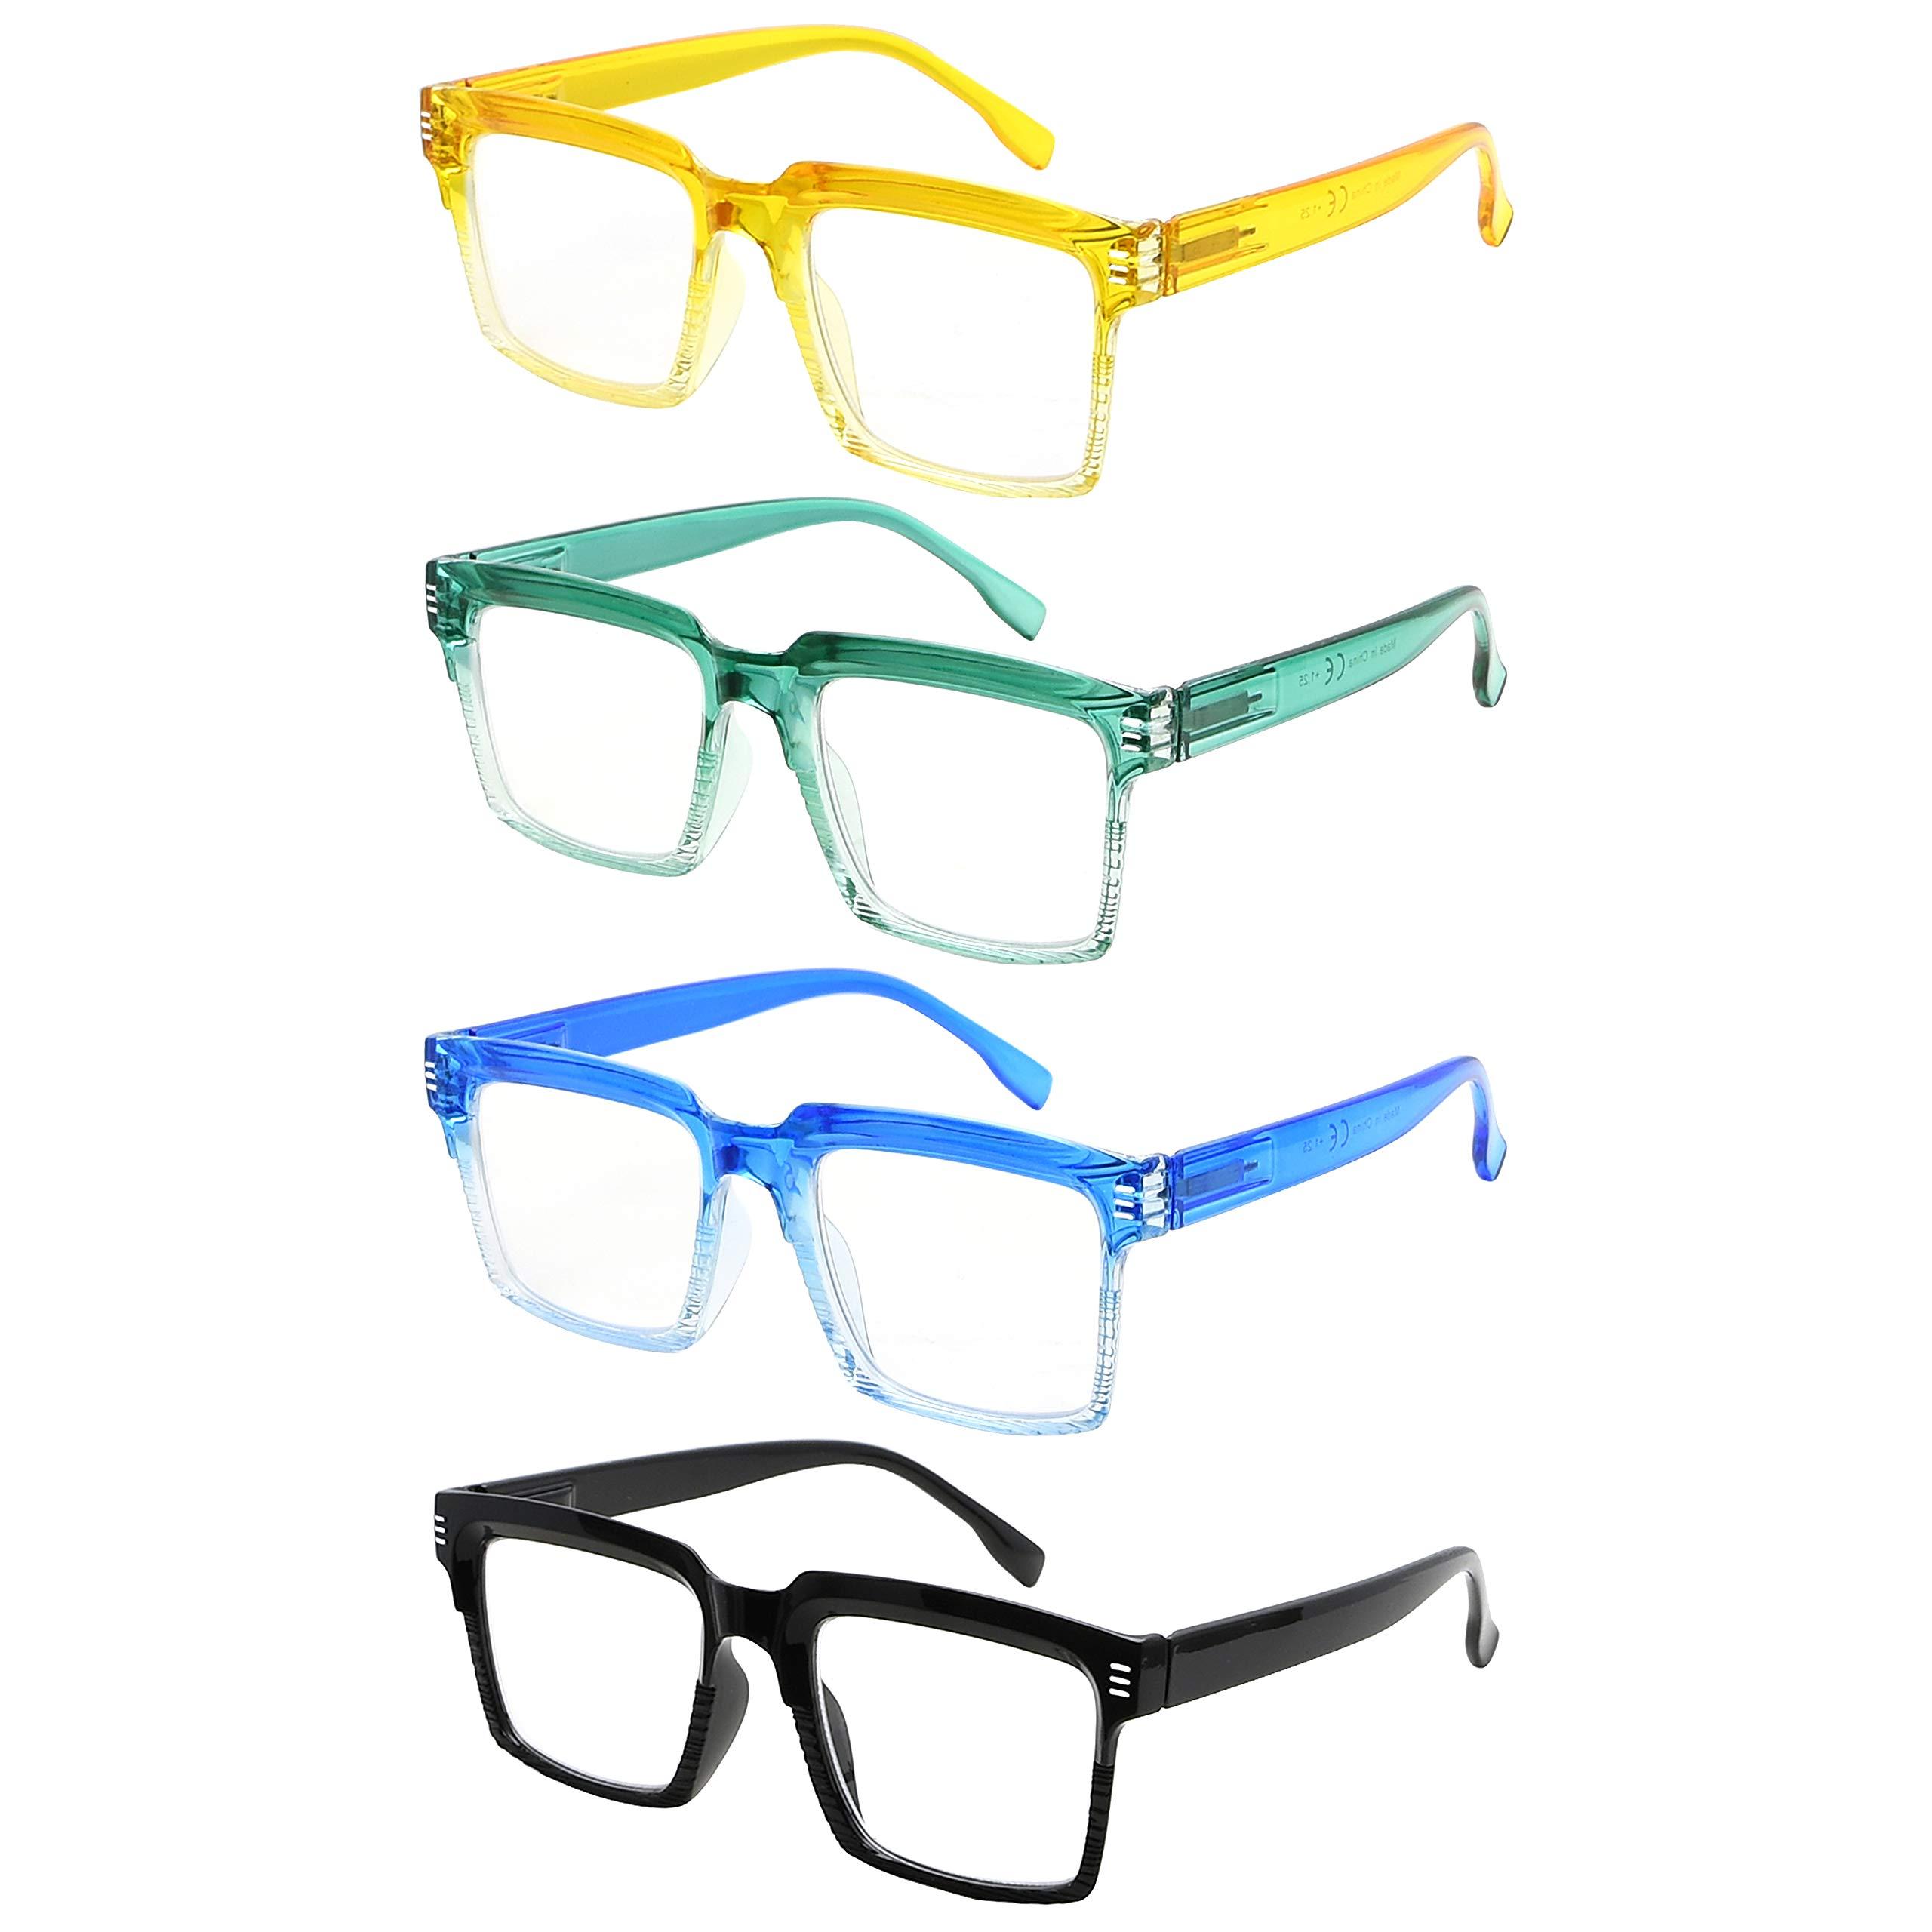 Eyekepper 4-Pack Design Reading Glasses for Women - Fashionable Oversized Readers